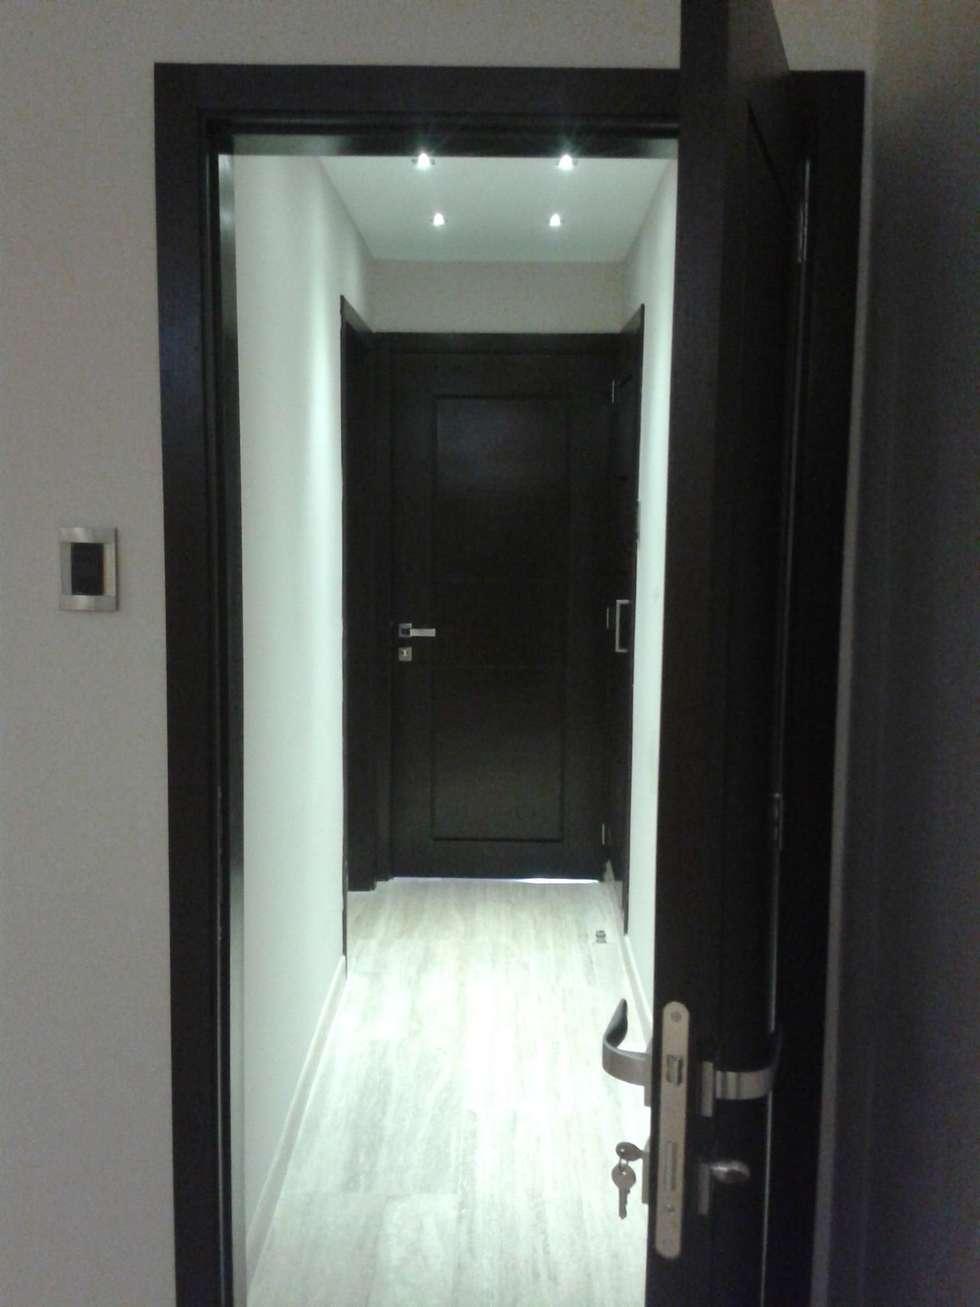 AREA PASILLO HACIA AREA PRIVADA: Pasillos y vestíbulos de estilo  por CelyGarciArquitectos c.a.